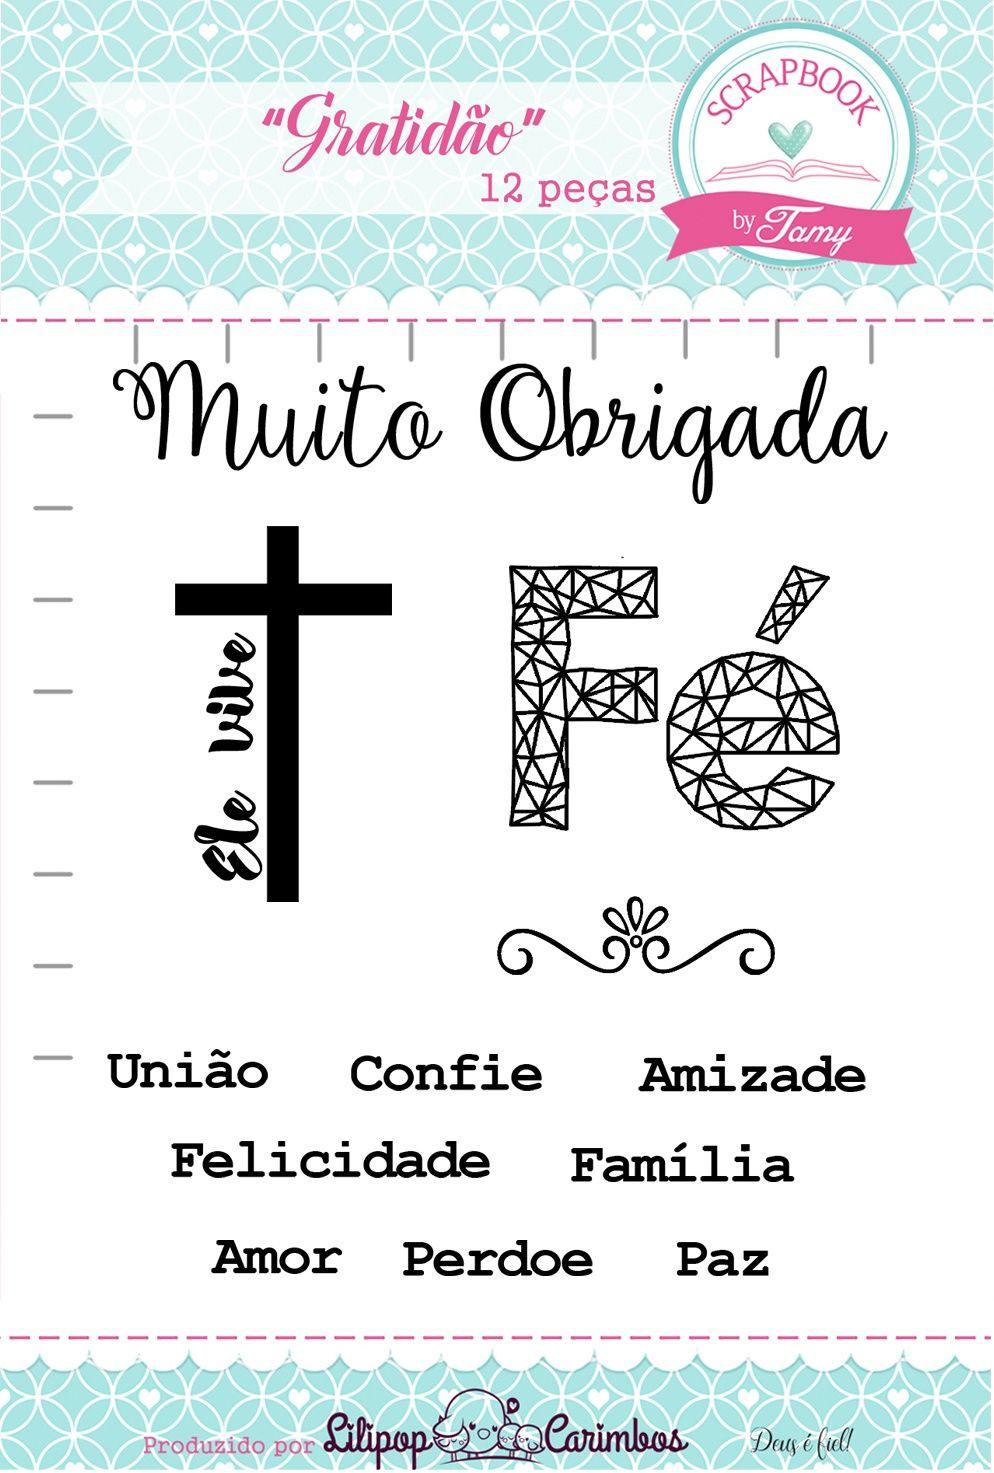 Kit de Carimbos - Gratidão - Scrapbook by Tamy